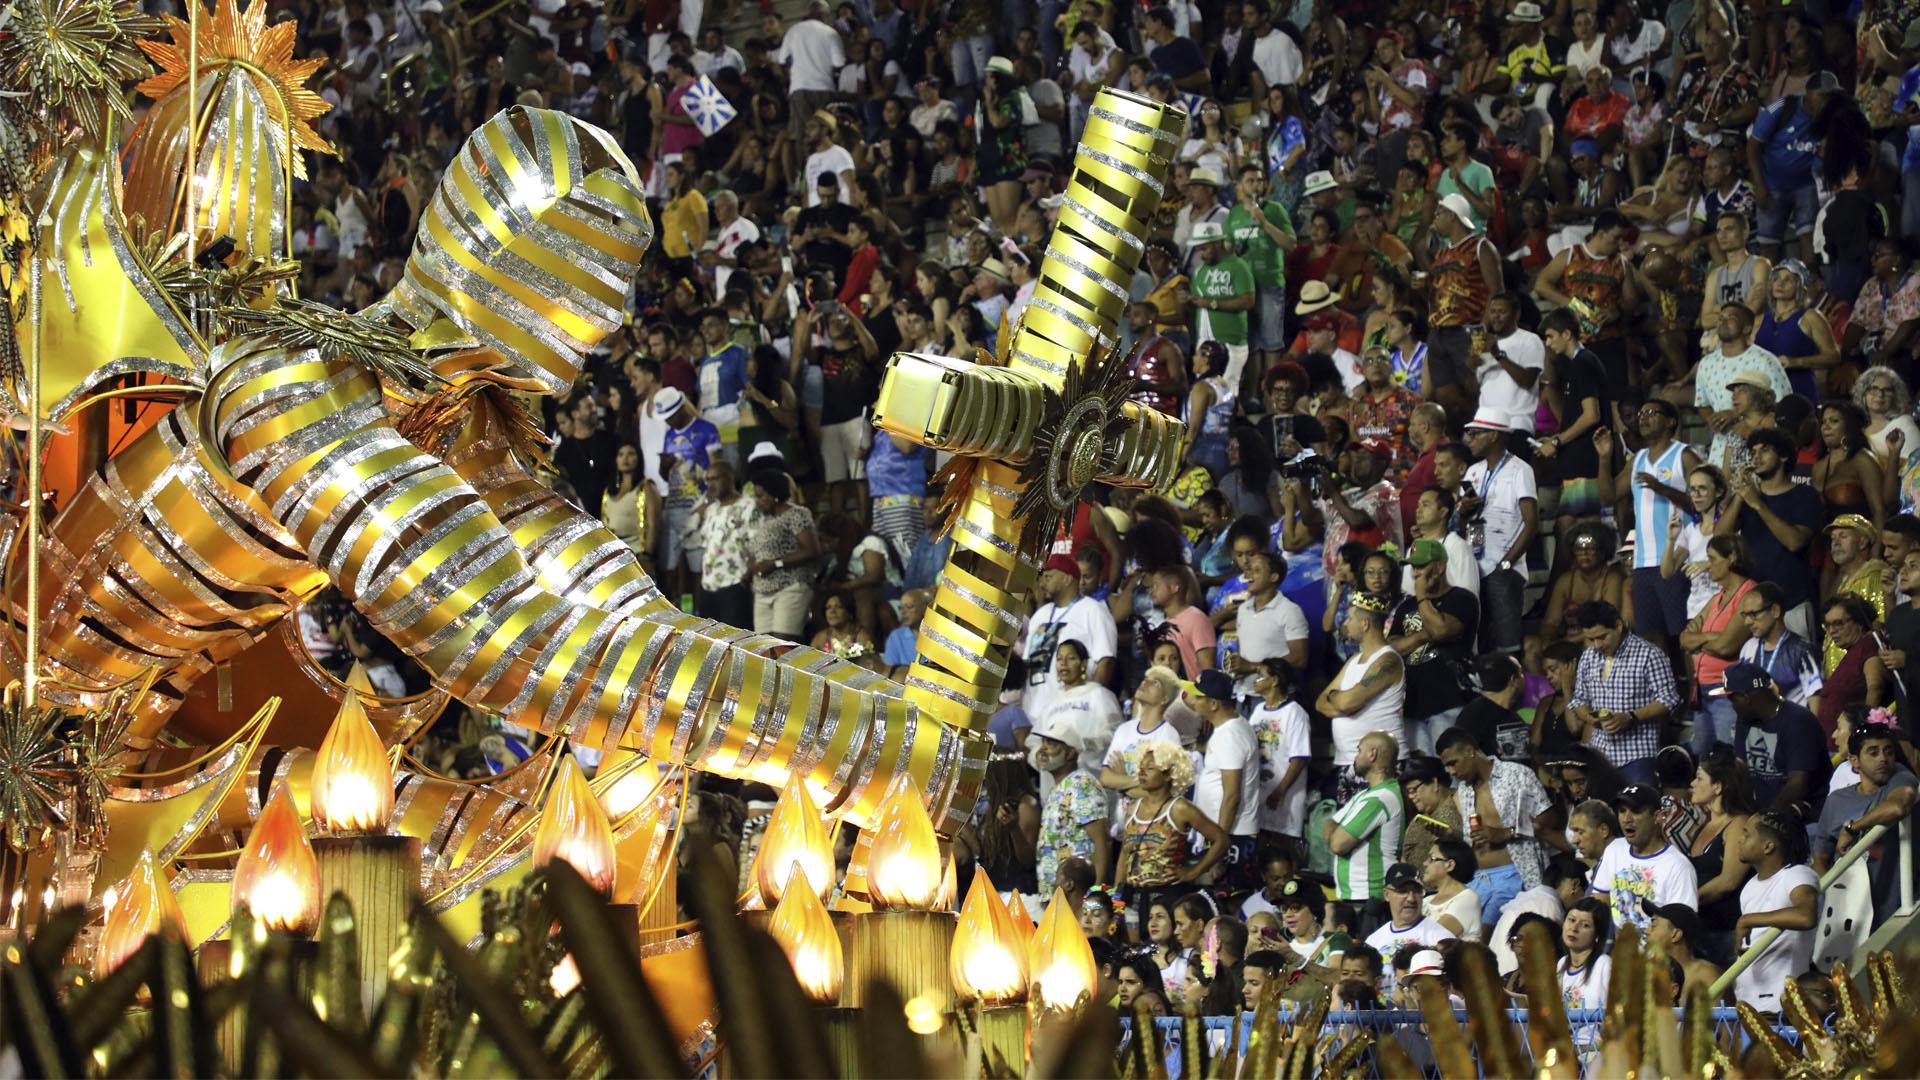 Integrantes de escuela de samba durante el carnaval de Río de Janeiro